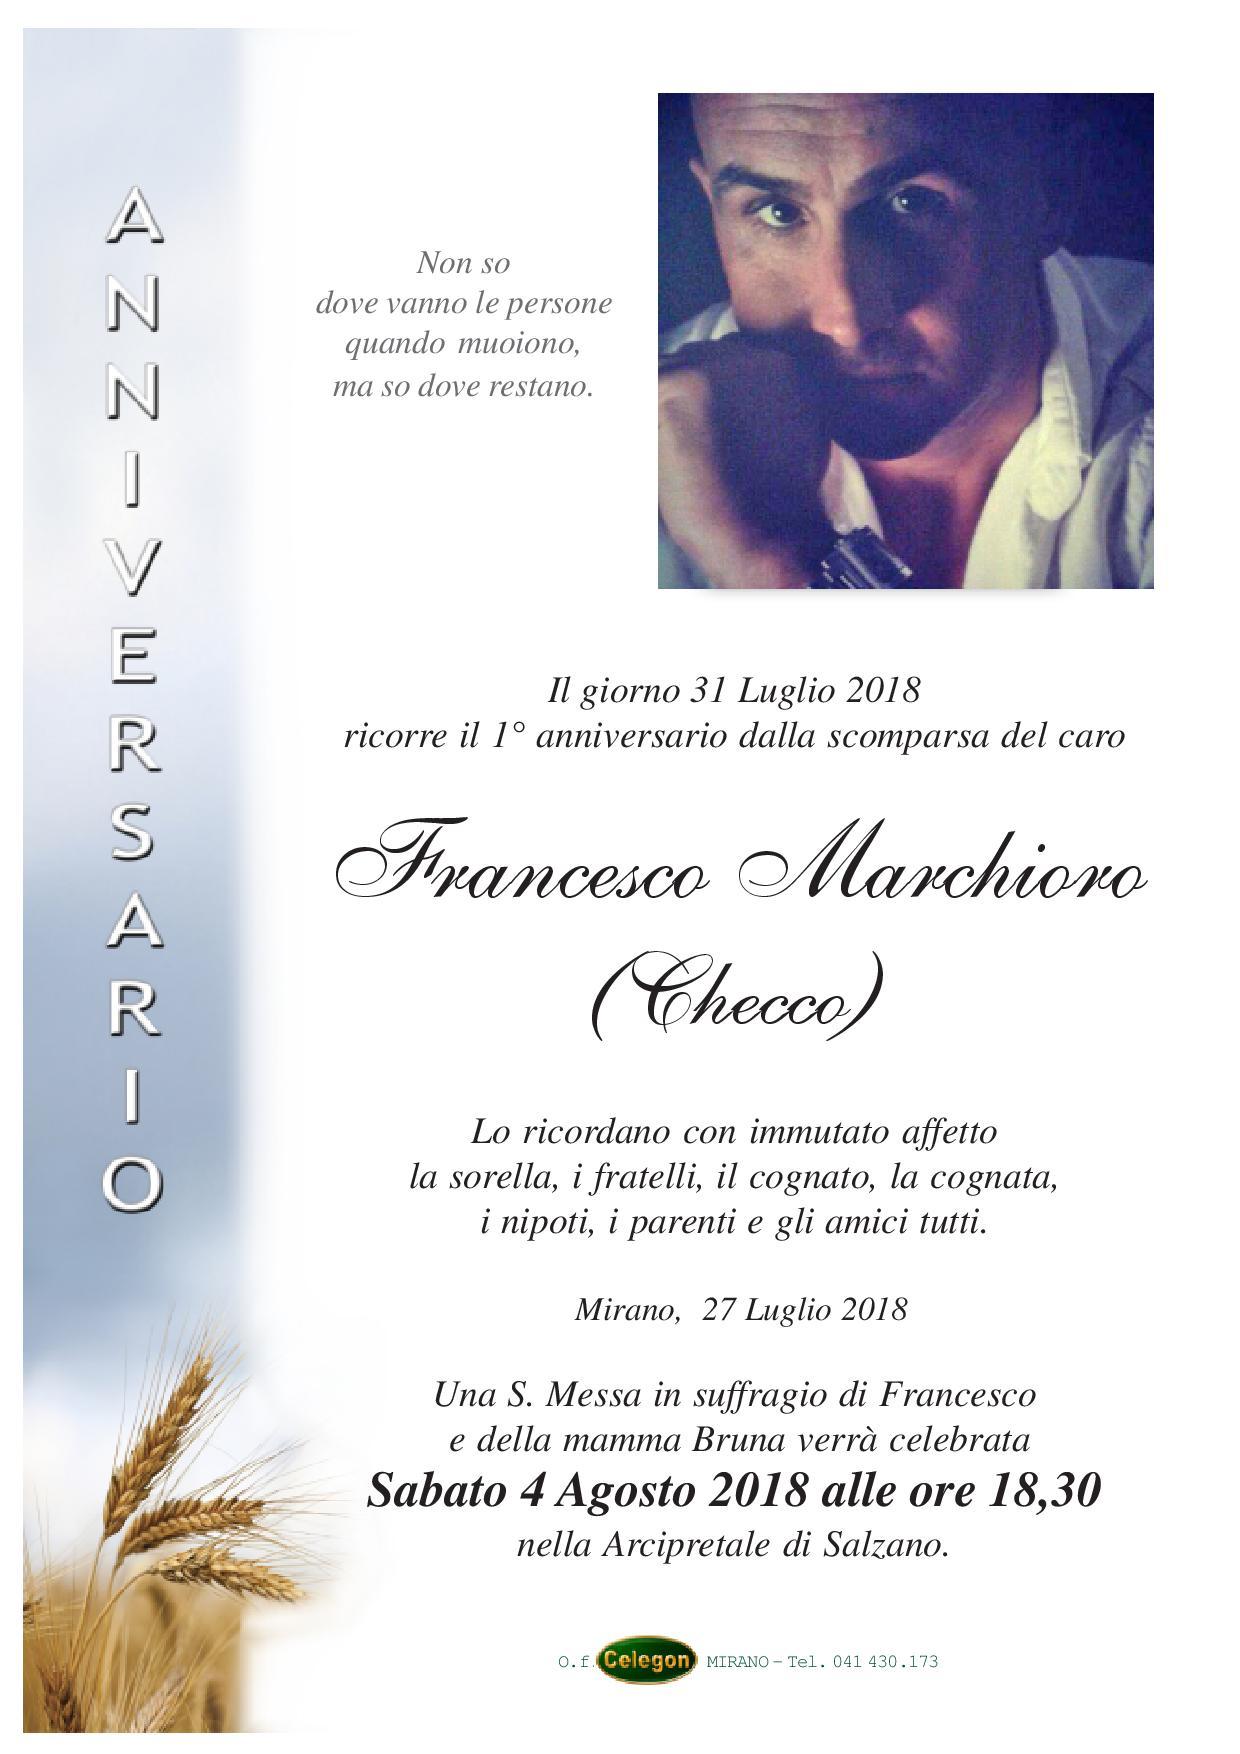 Marchioro Francesco Onoranze Funebri Celegon Mirano